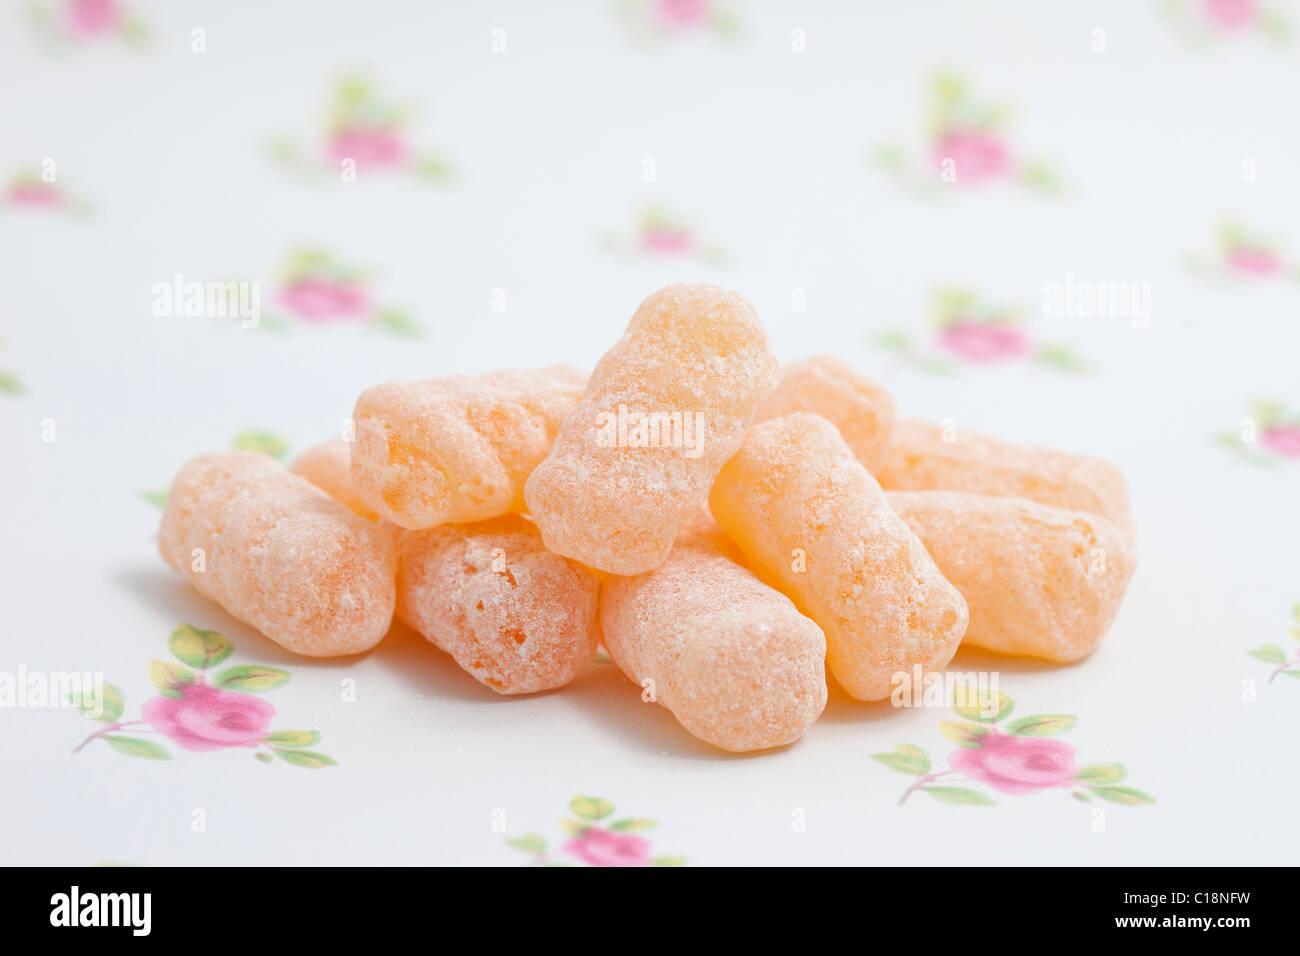 L'orge se tord les sucreries et bonbons sur un papier fond photographié dans un studio Photo Stock